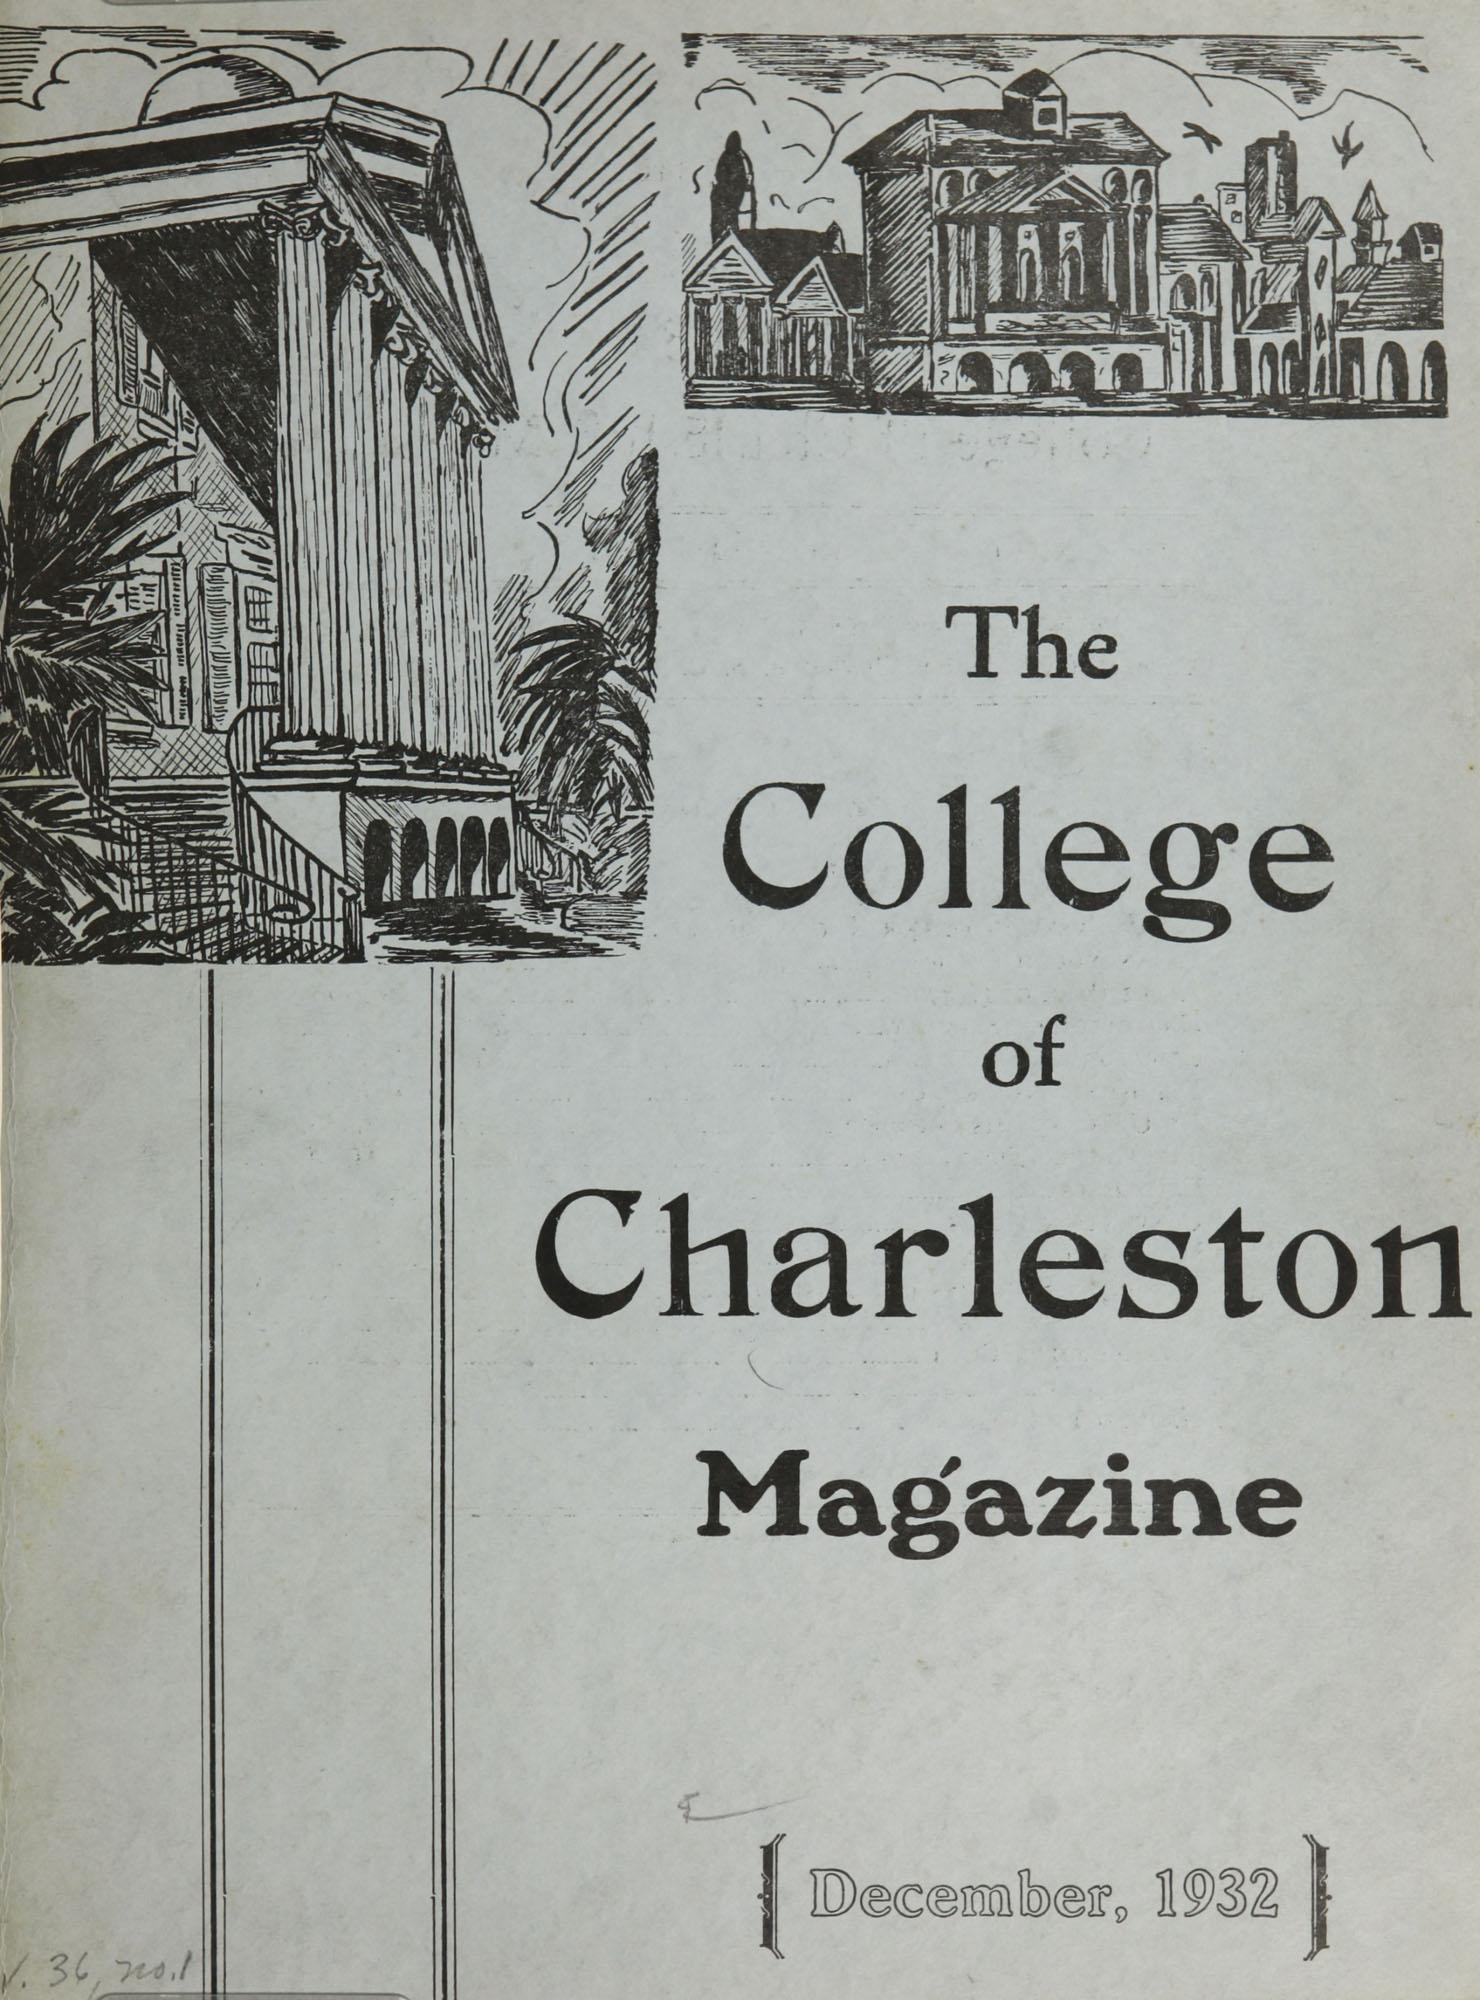 College of Charleston Magazine, 1932-1933